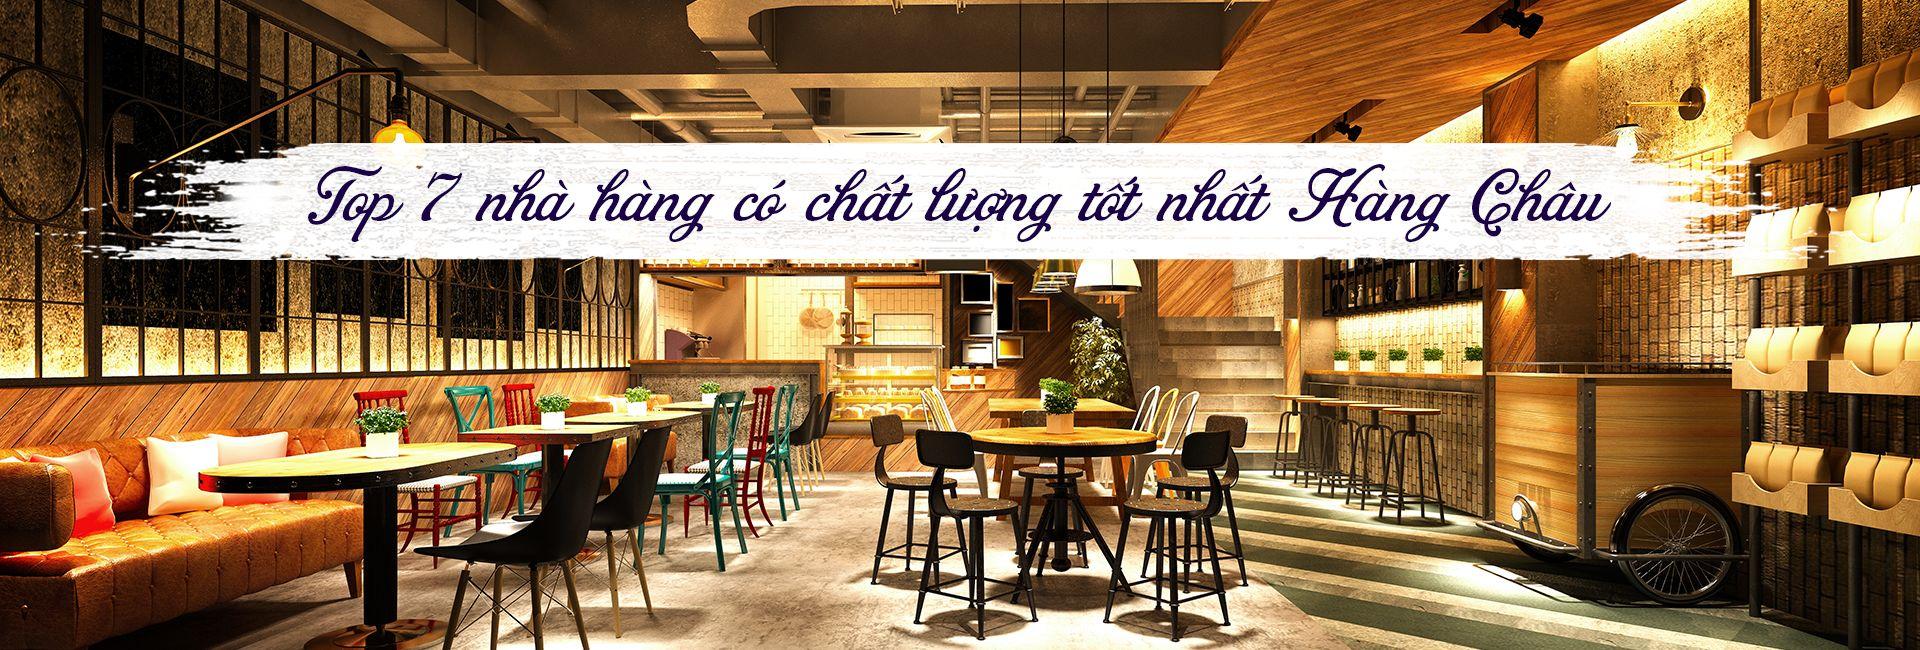 Top 7 nhà hàng ngon nhất ở Hàng Châu, Trung Quốc